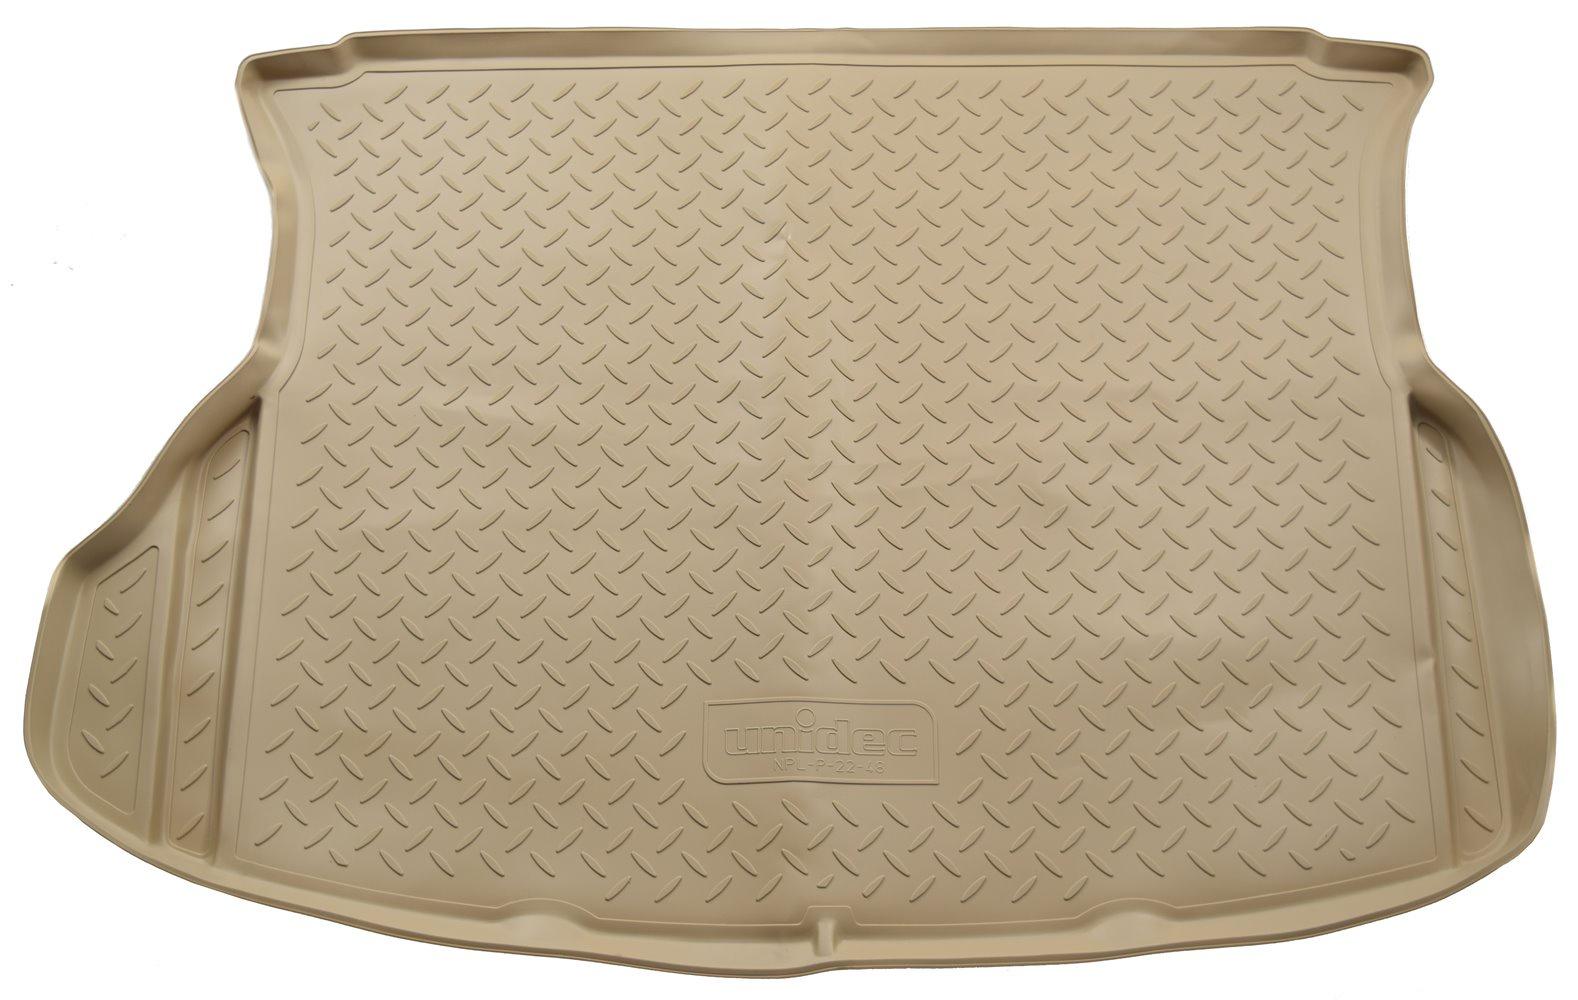 купить Коврик багажника Norplast для Infiniti fx s51 2012/Infiniti qx70 2013, npa00-t33-530-b, бежевый по цене 1390 рублей